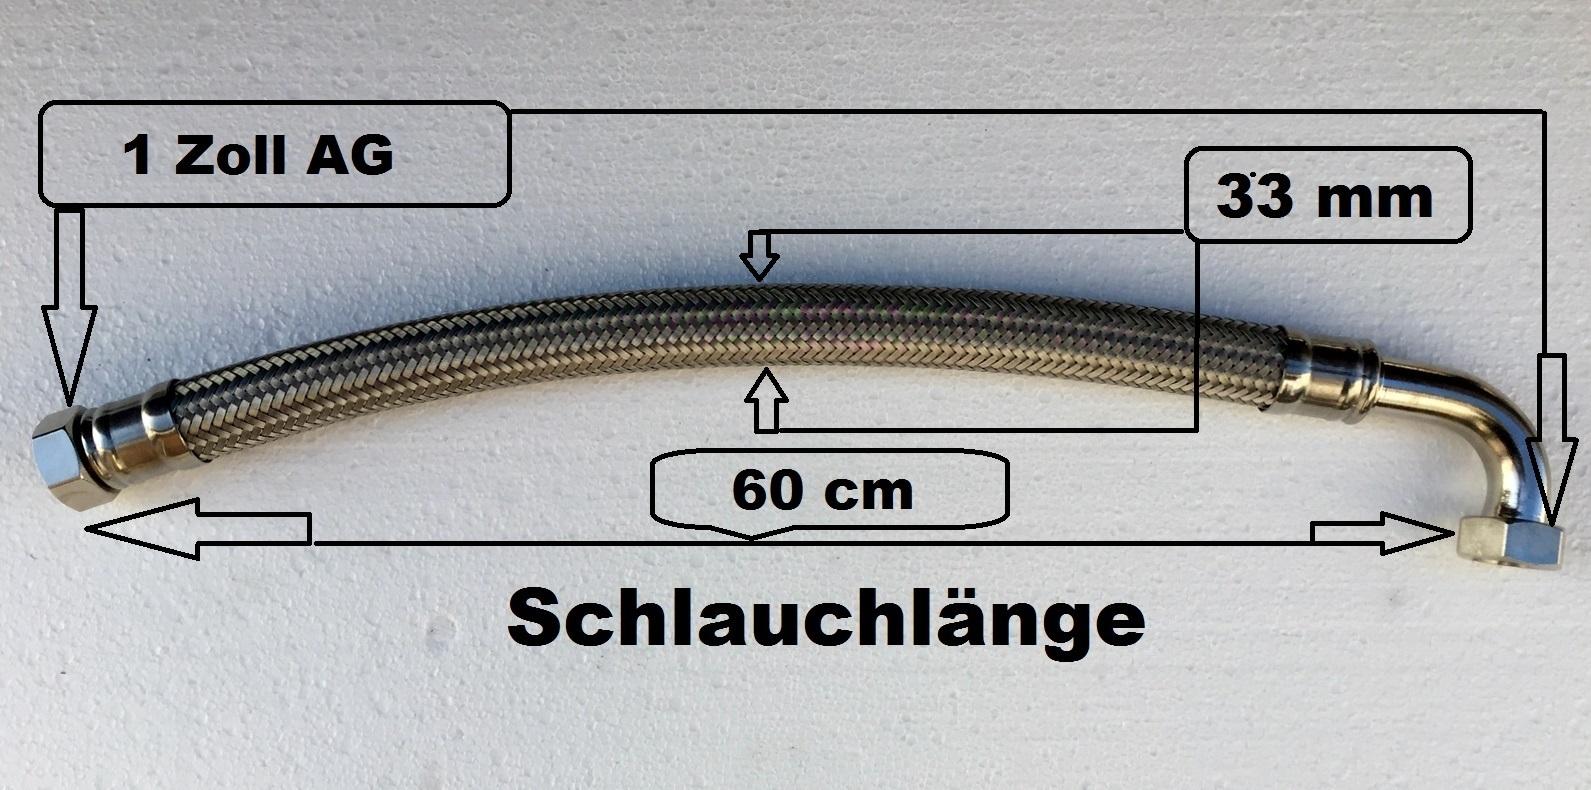 Flexschlauch 90° Bogen Panzerschlauch 1 Zoll 60 cm Edelstahl